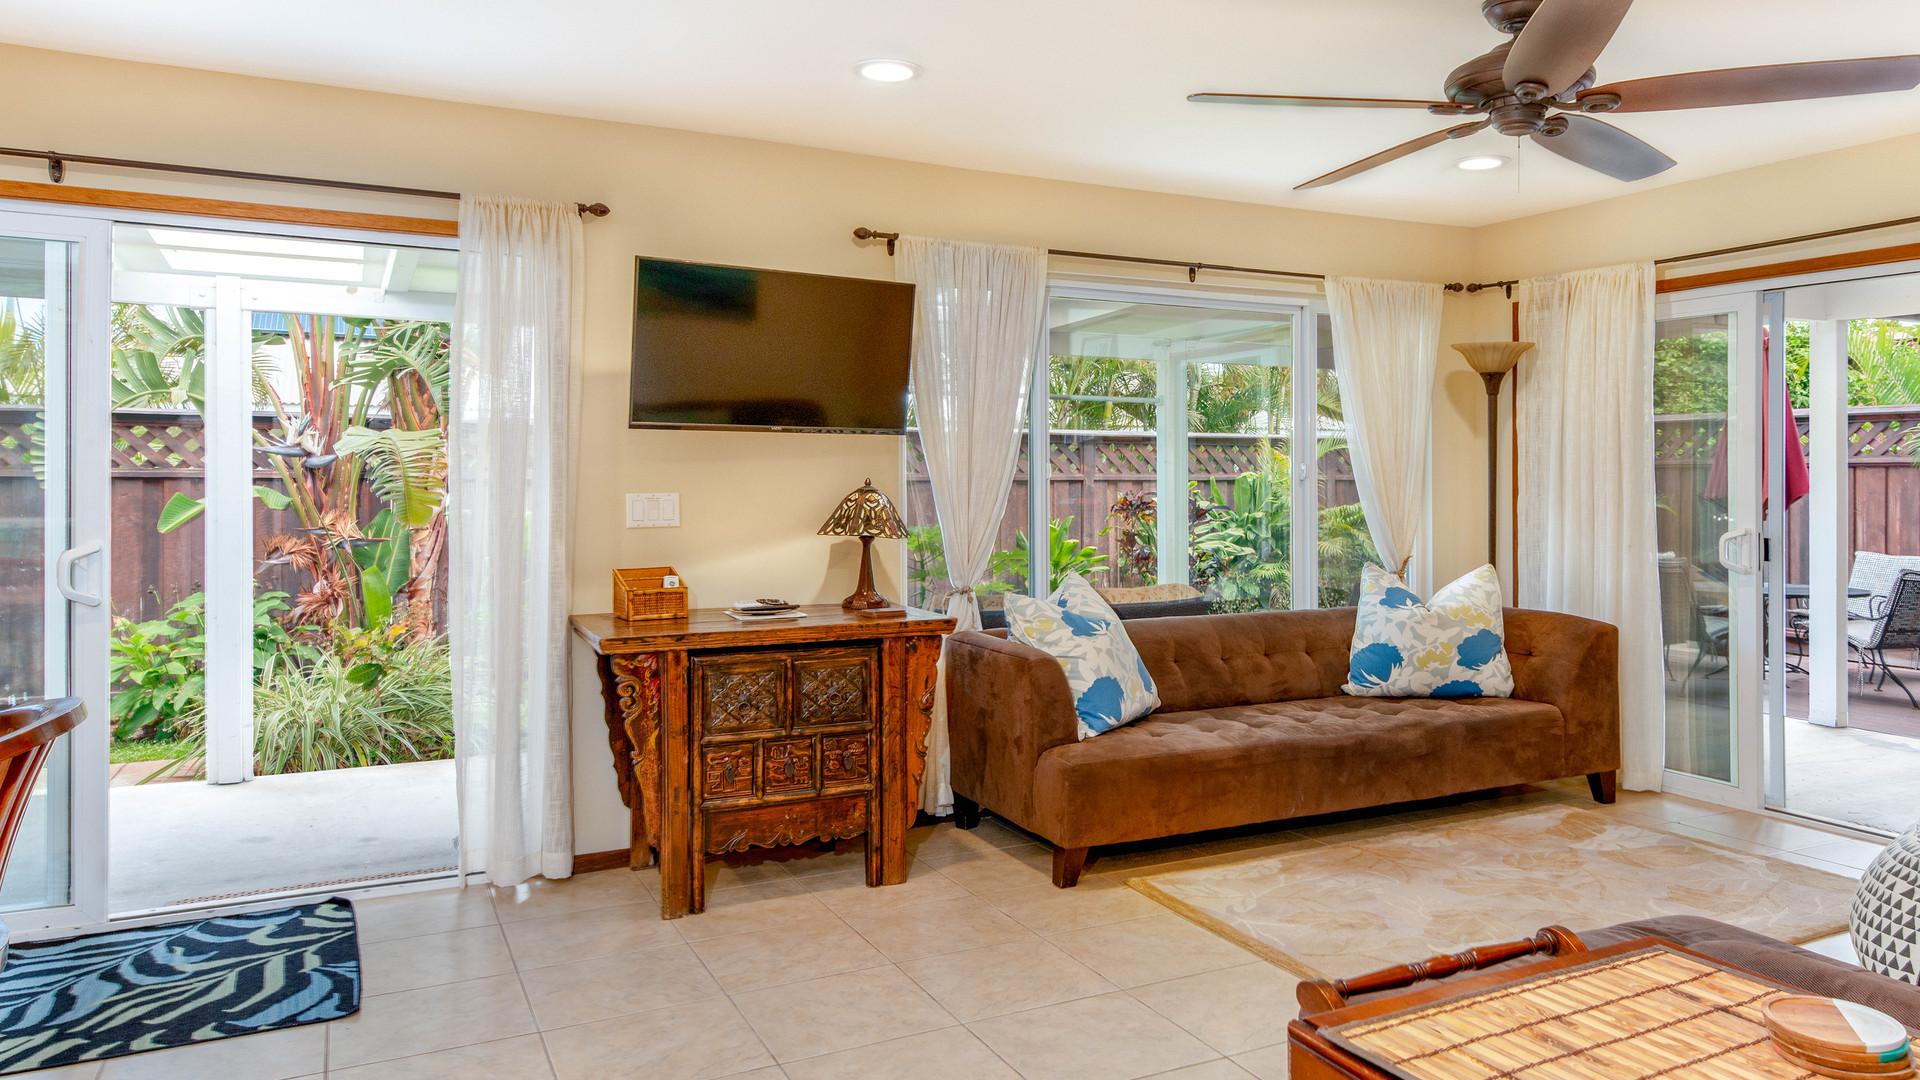 13-Living room.jpg